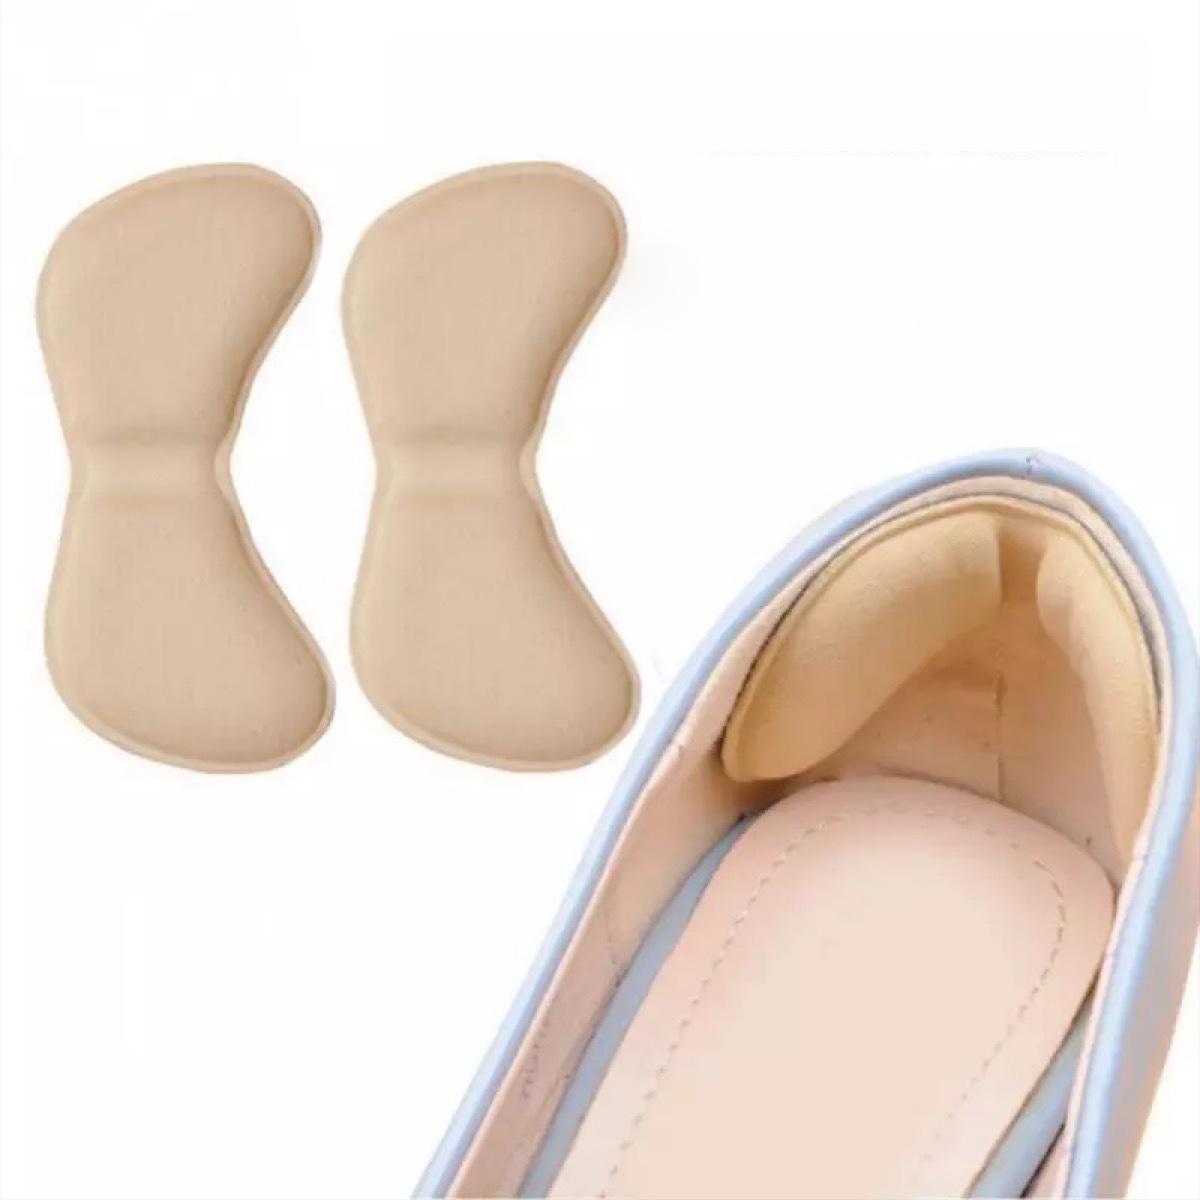 与え かかとの靴擦れ防止や ちょっと大きめサイズの調整に 靴擦れ防止パッド かかと 靴に貼る シールで簡単貼り付け 2個 パカパカ調整 1足セット 当店一番人気 カーキ